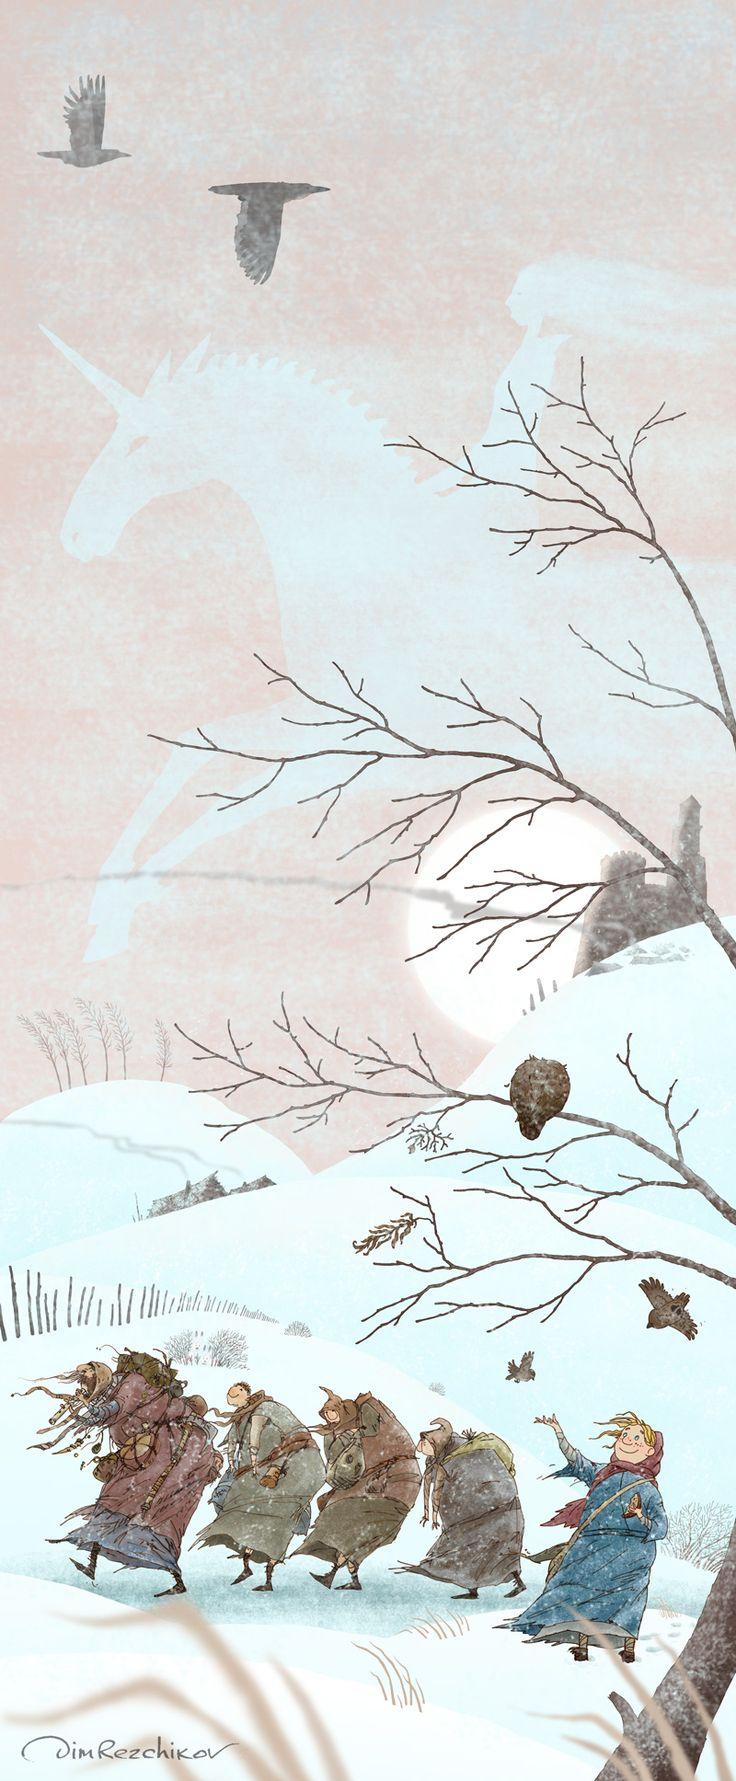 art • russian • illustration • calendar • drawing • artist • illustrator • fantasy